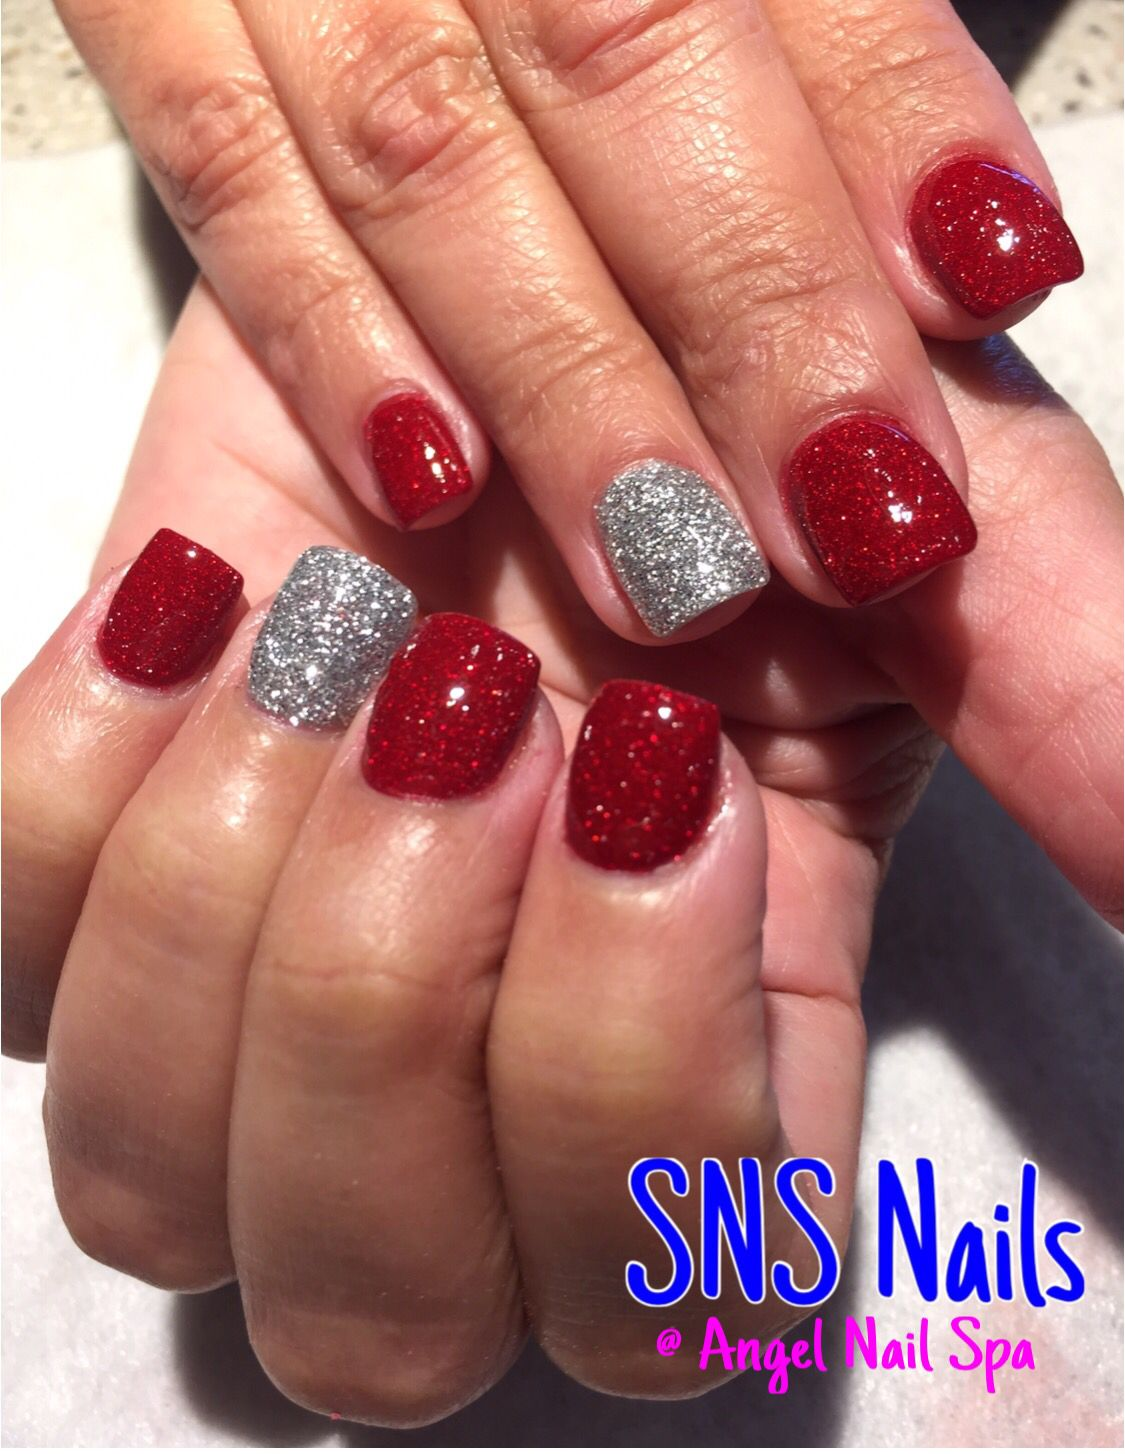 Sns Nails Dipping Powder Sns Nails Colors Dip Powder Nails Sns Nails